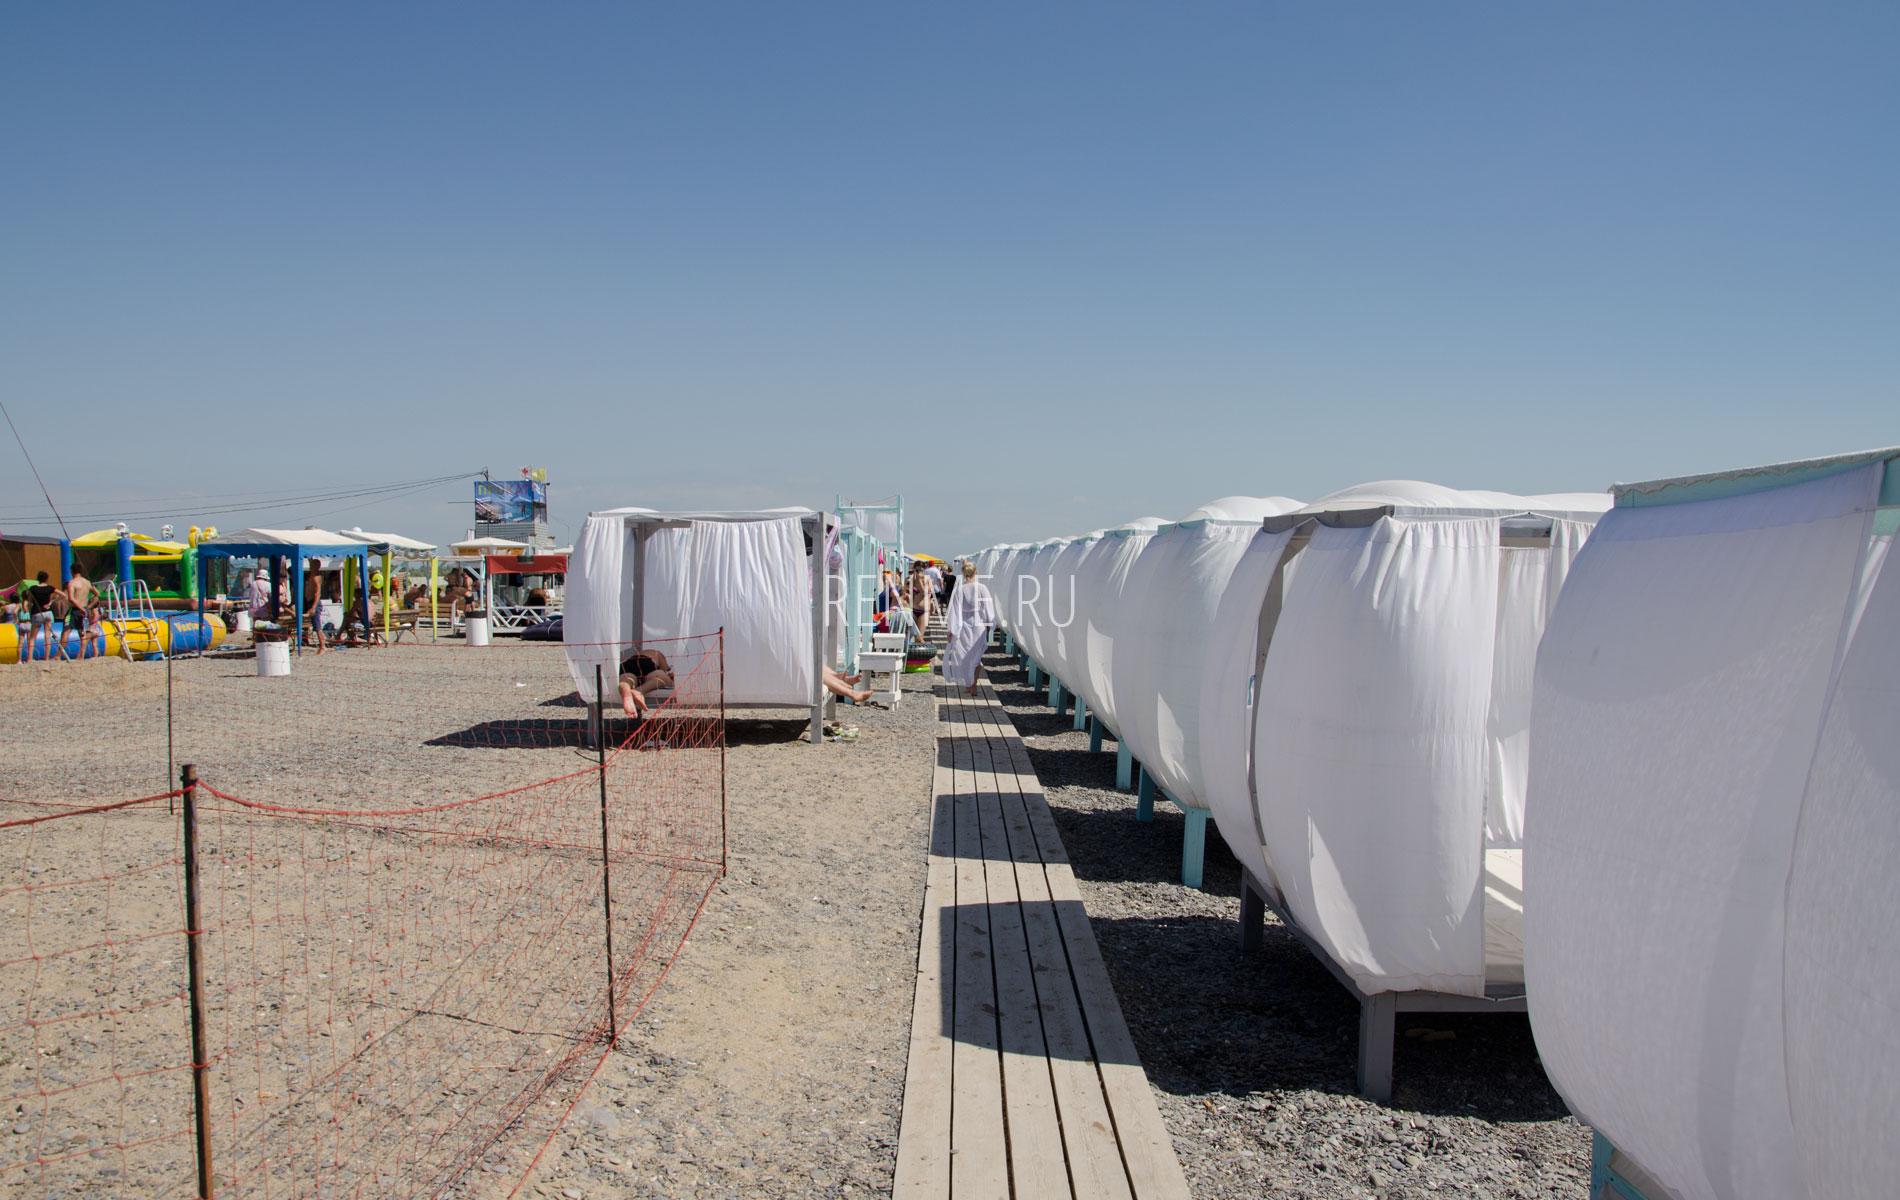 Бунгало на галечном пляже в Новофедоровке. Фото Новофедоровки